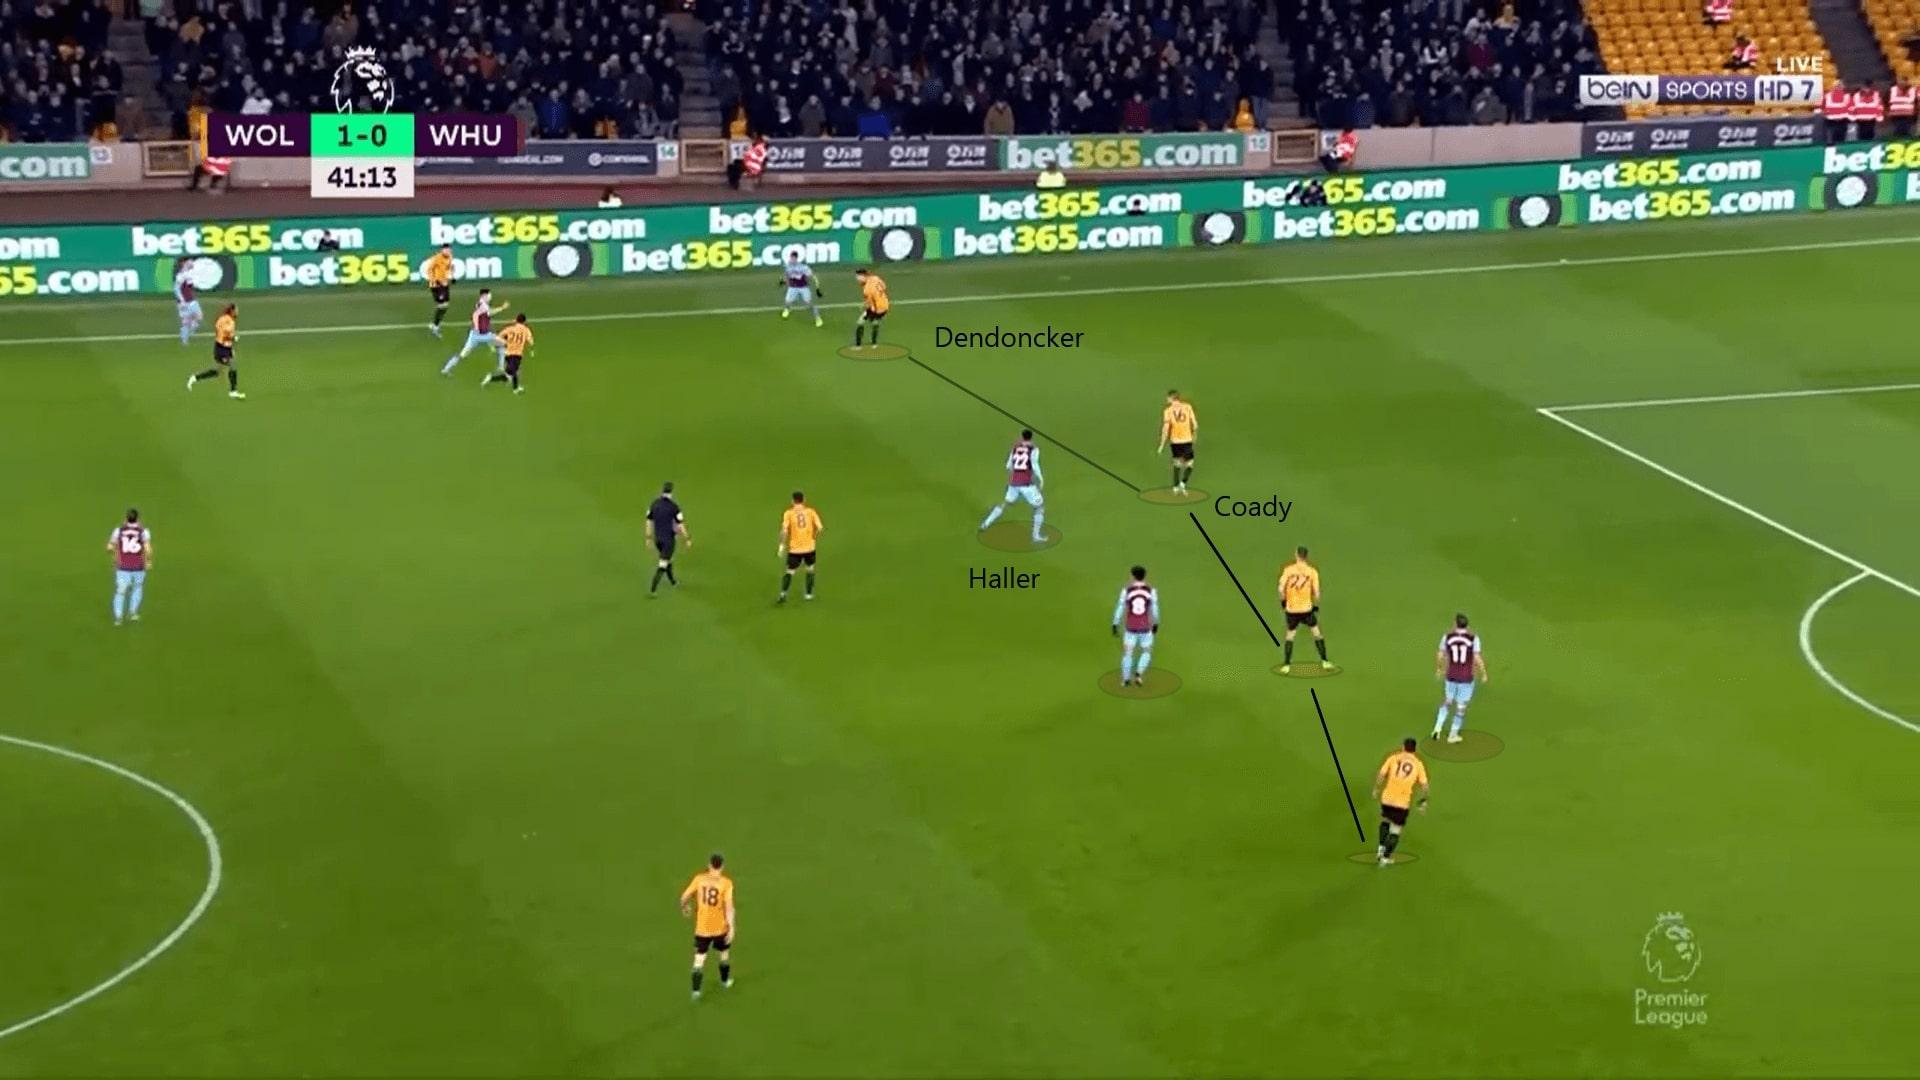 Premier League 2019/20: Wolves vs West Ham - tactical analysis tactics